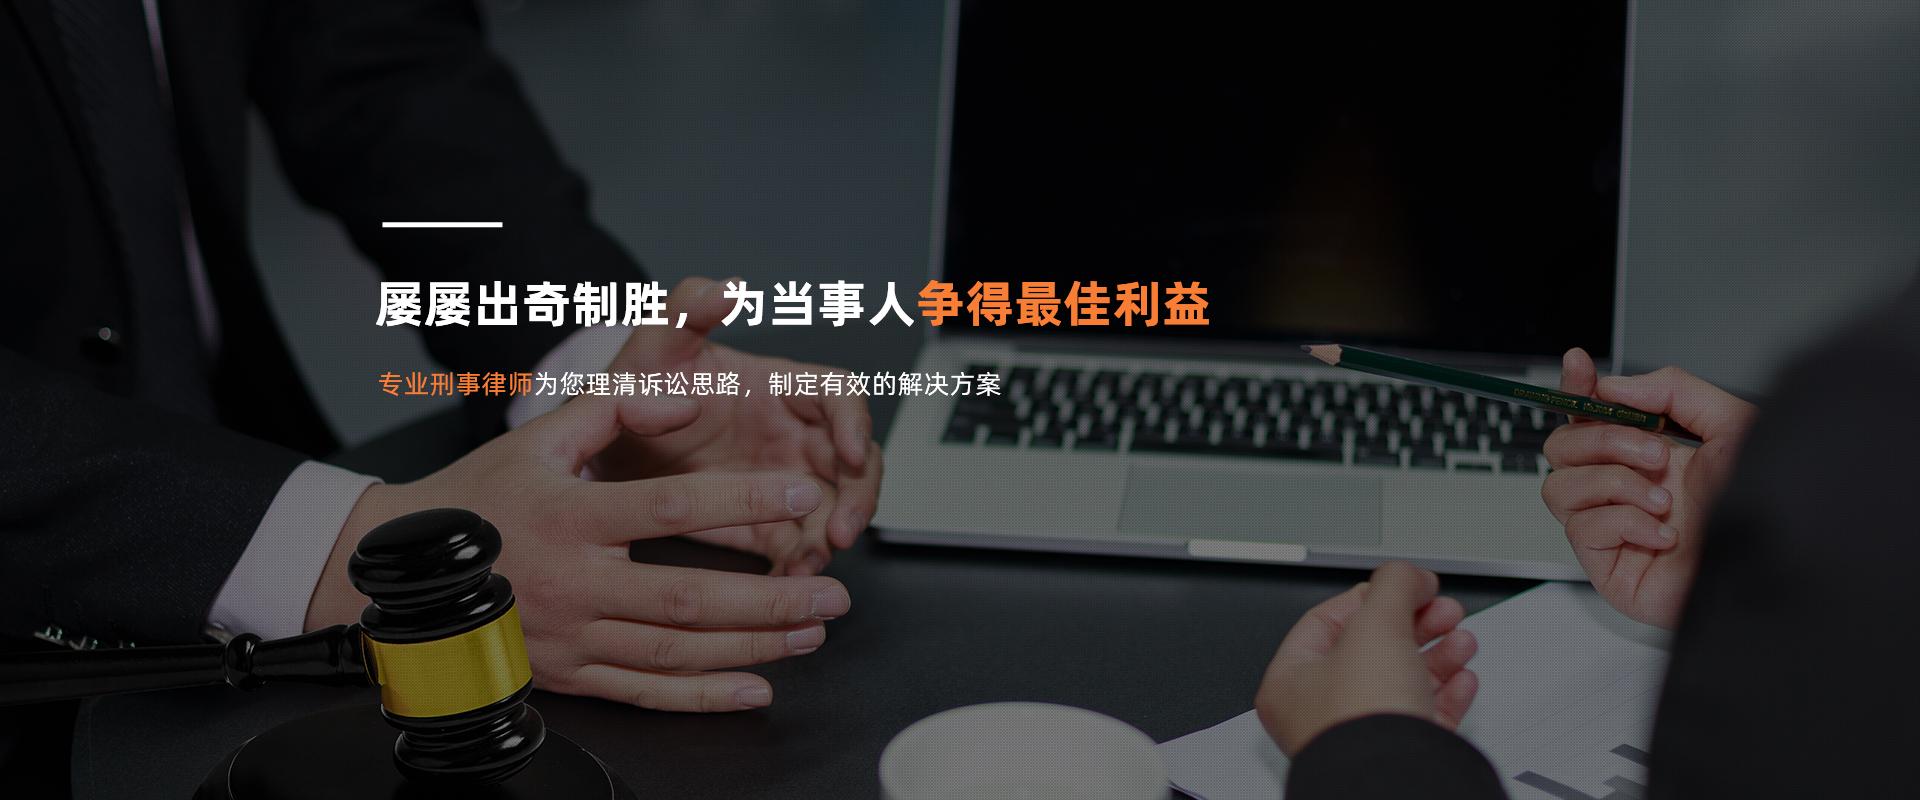 北京汇都律师事务所-P3